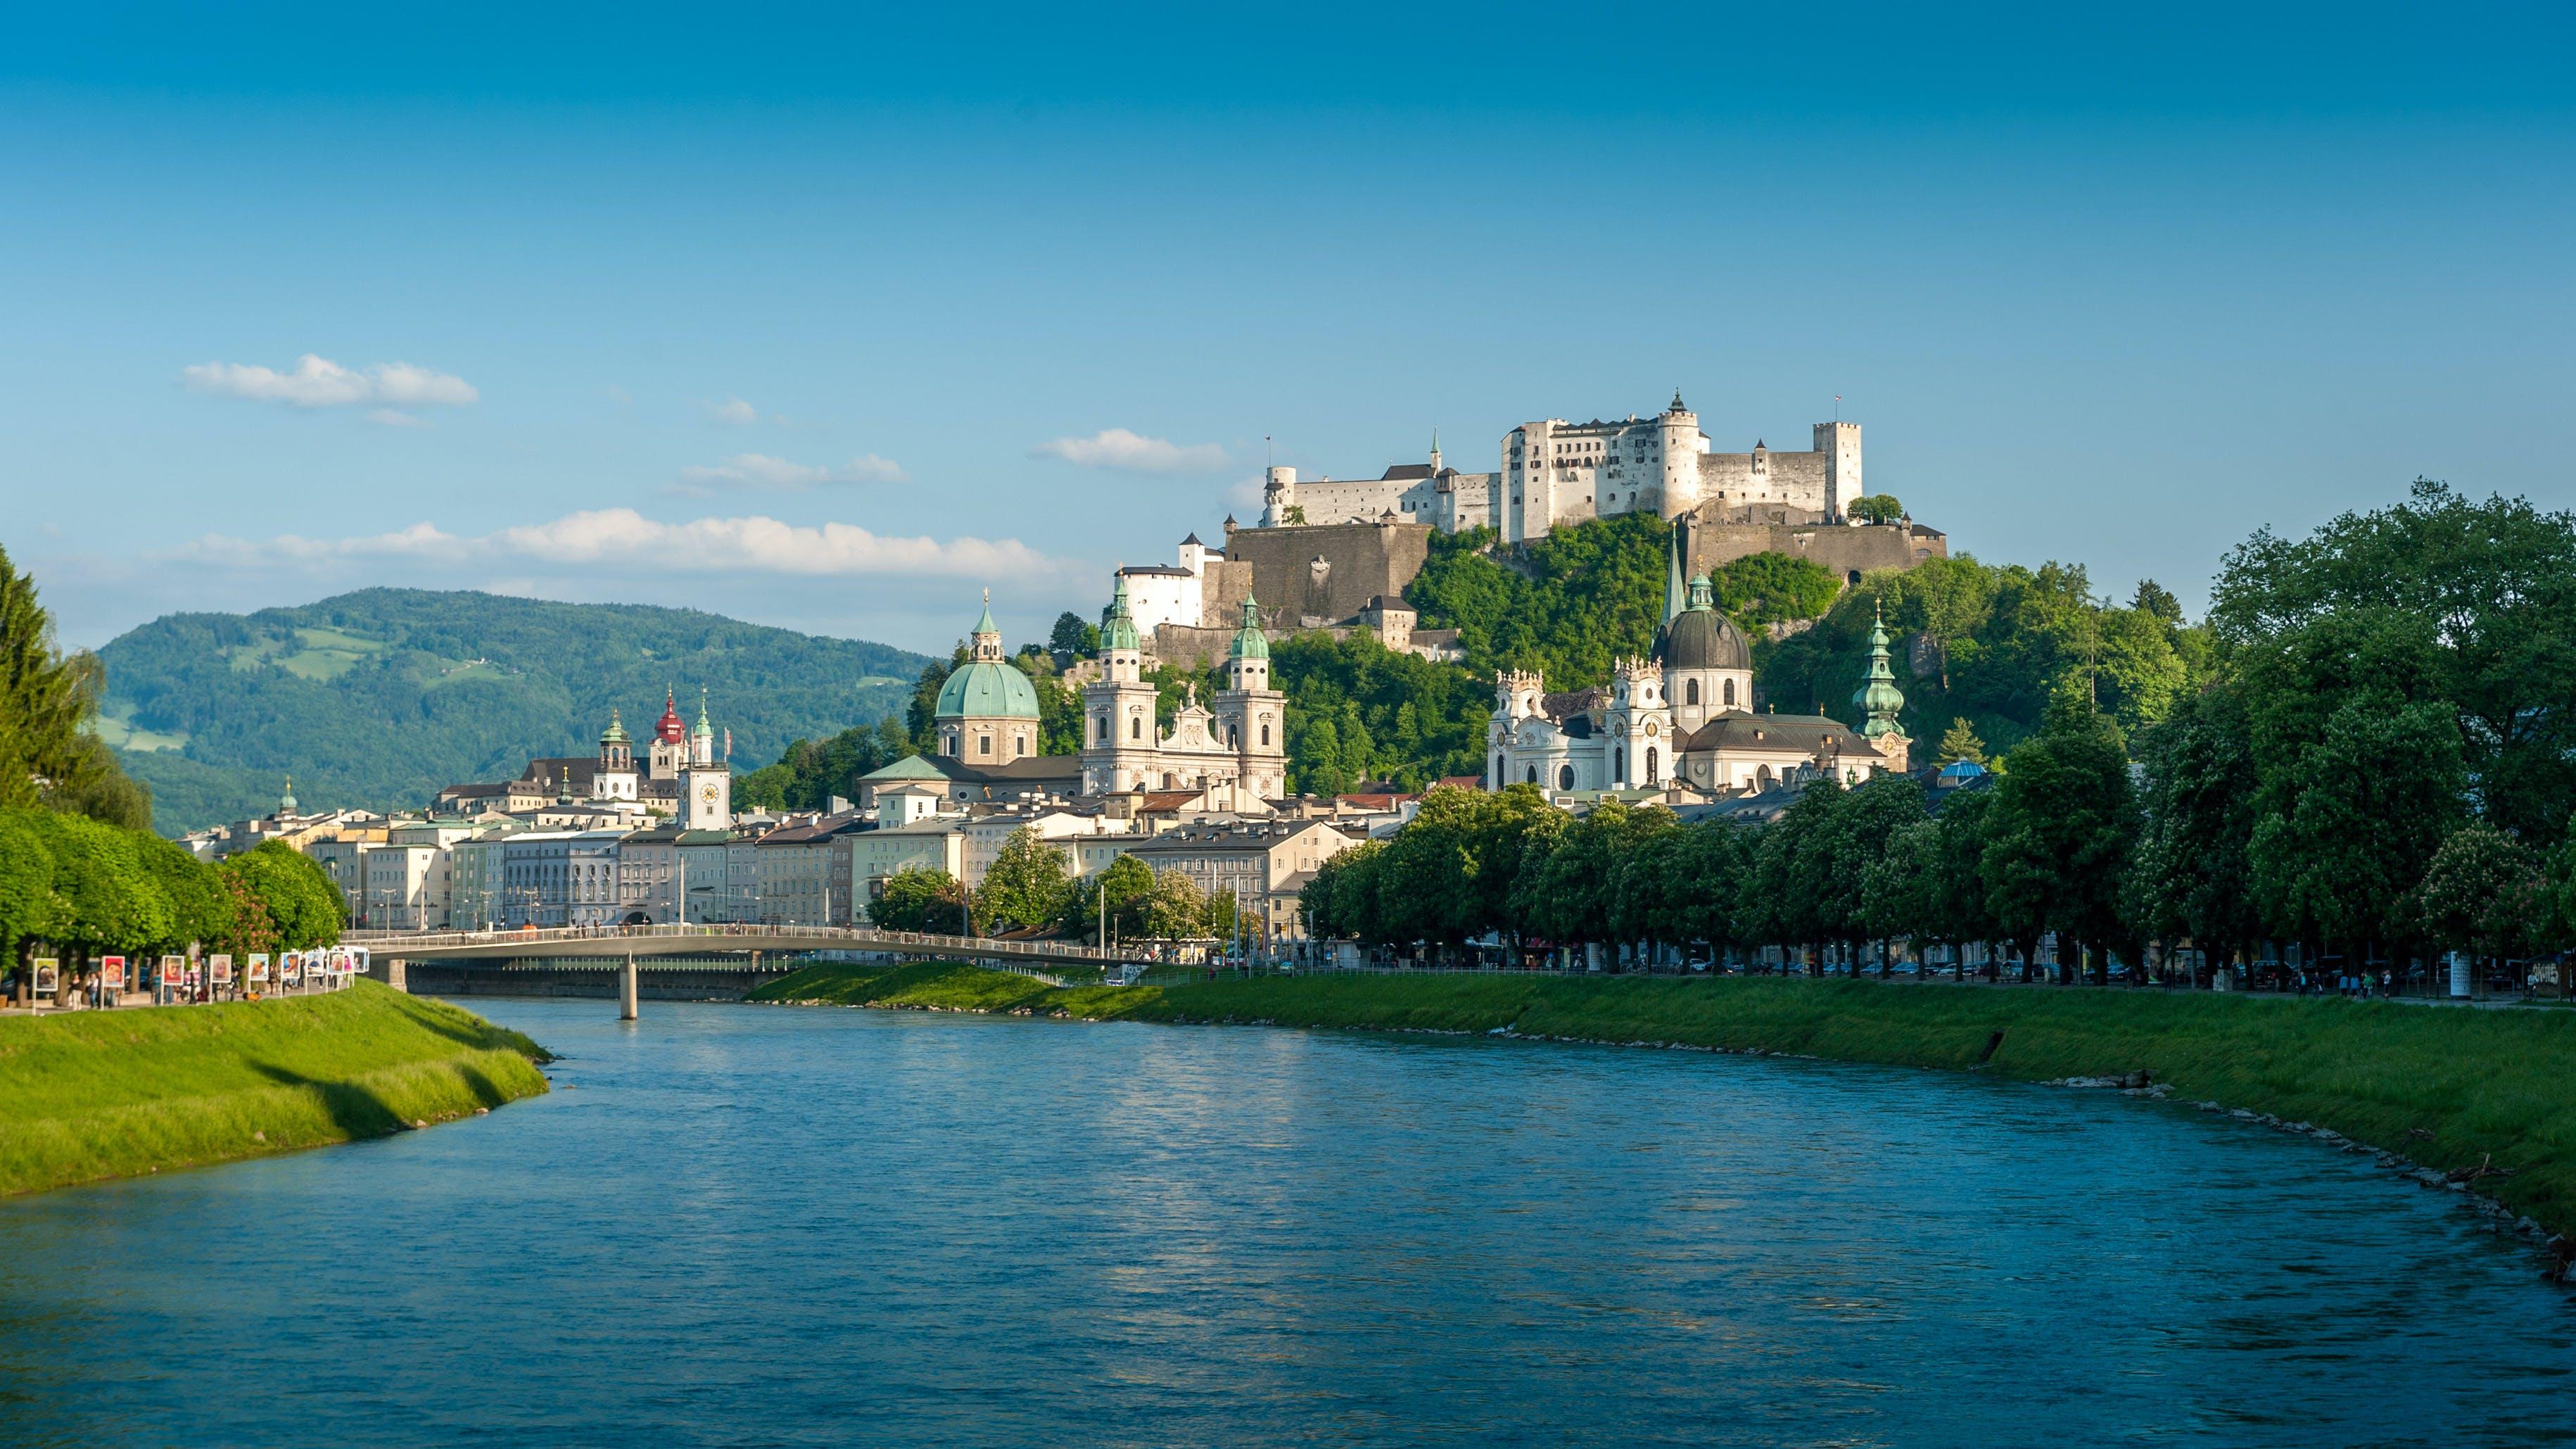 Ver la ciudad,Salir de la ciudad,Excursiones de un día,Excursión a Salzburgo